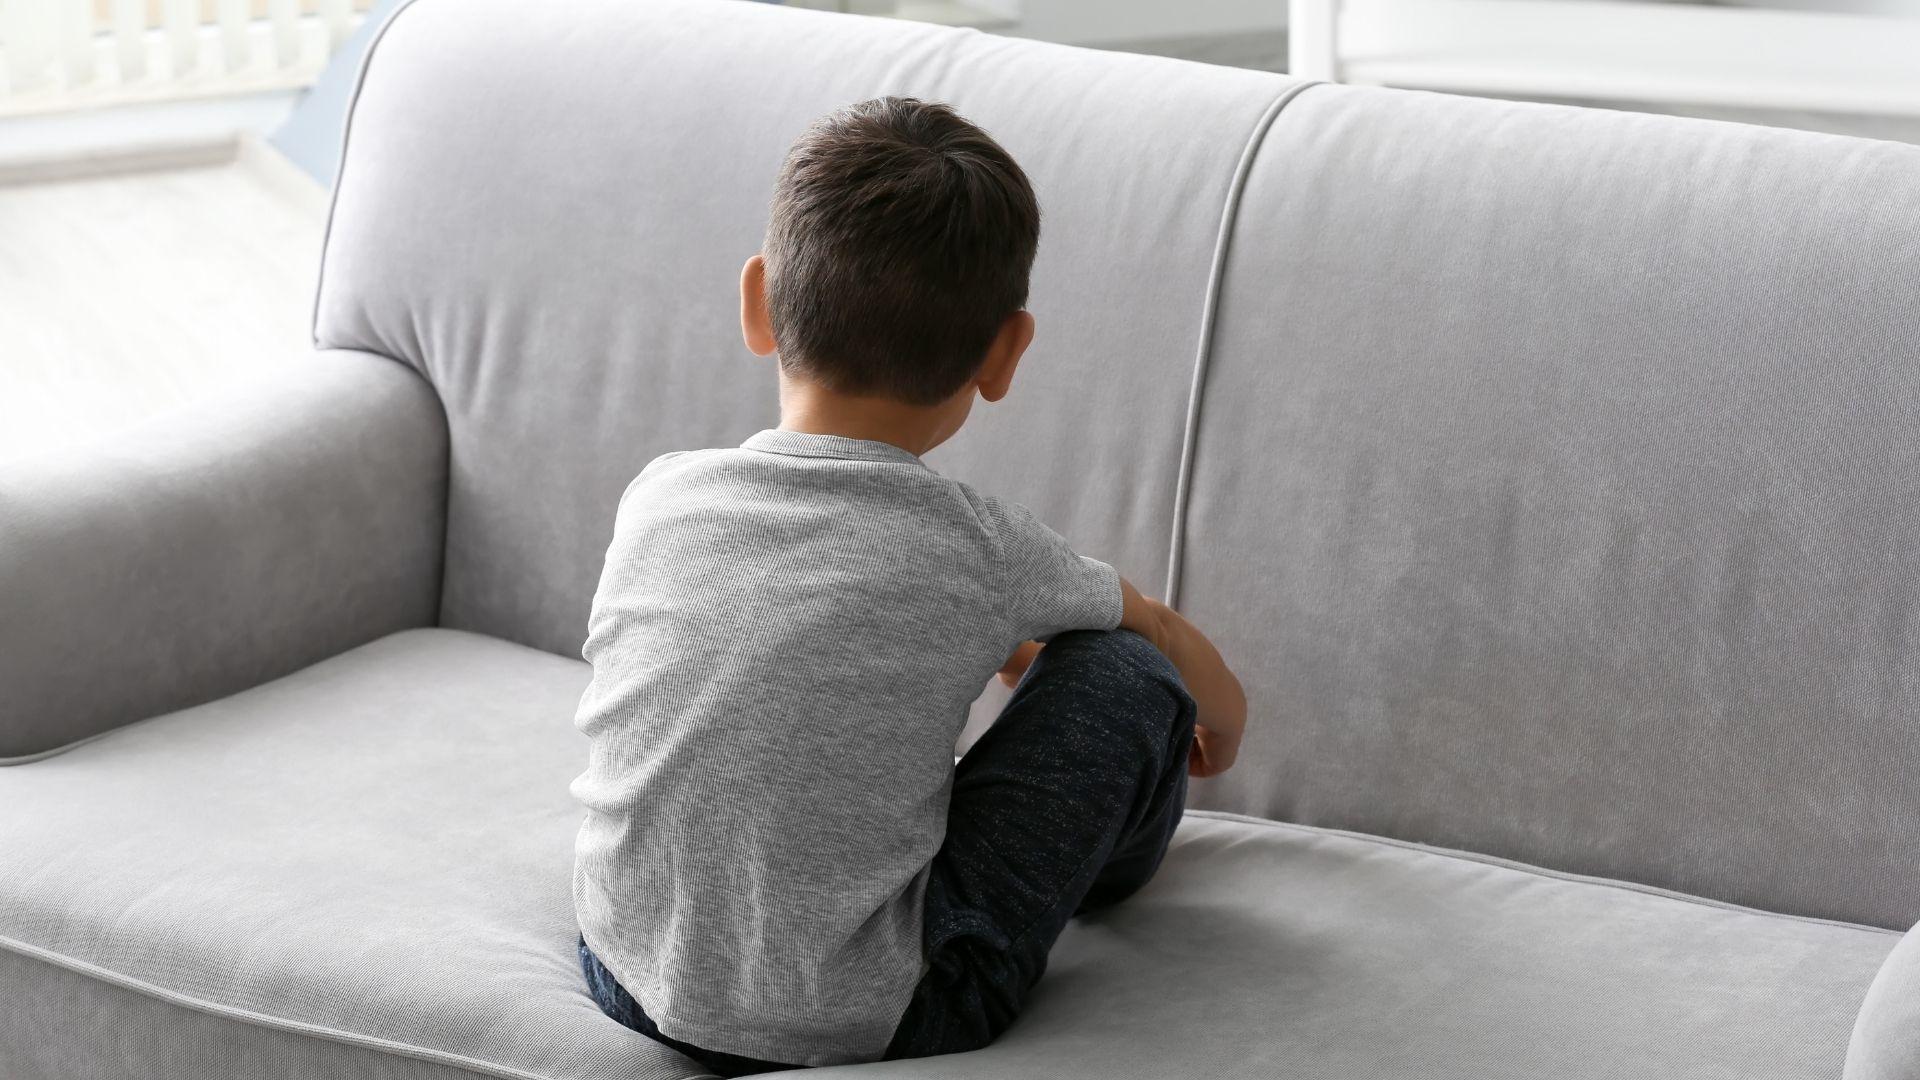 Комплексная помощь детям и подросткам с расстройствами аутистического спектра